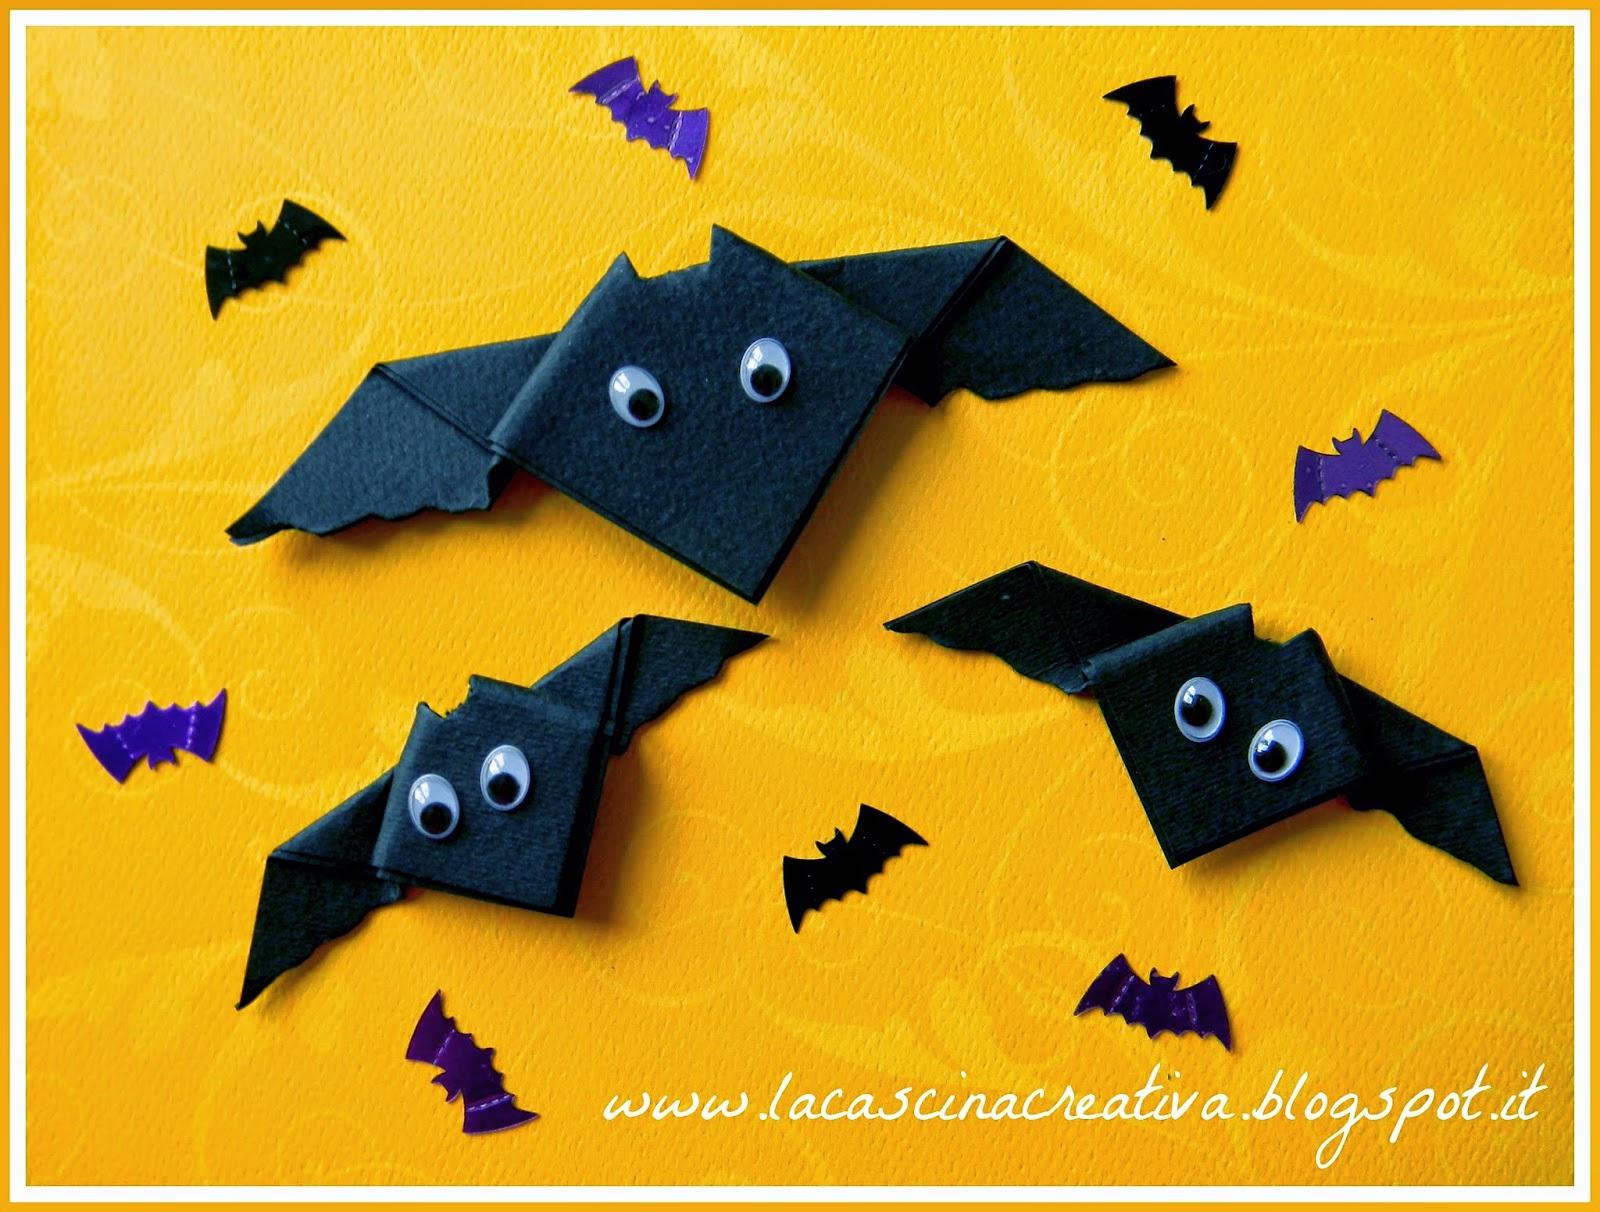 la cascina creativa  Pipistrelli origami per Halloween 3d57e5a14cd8